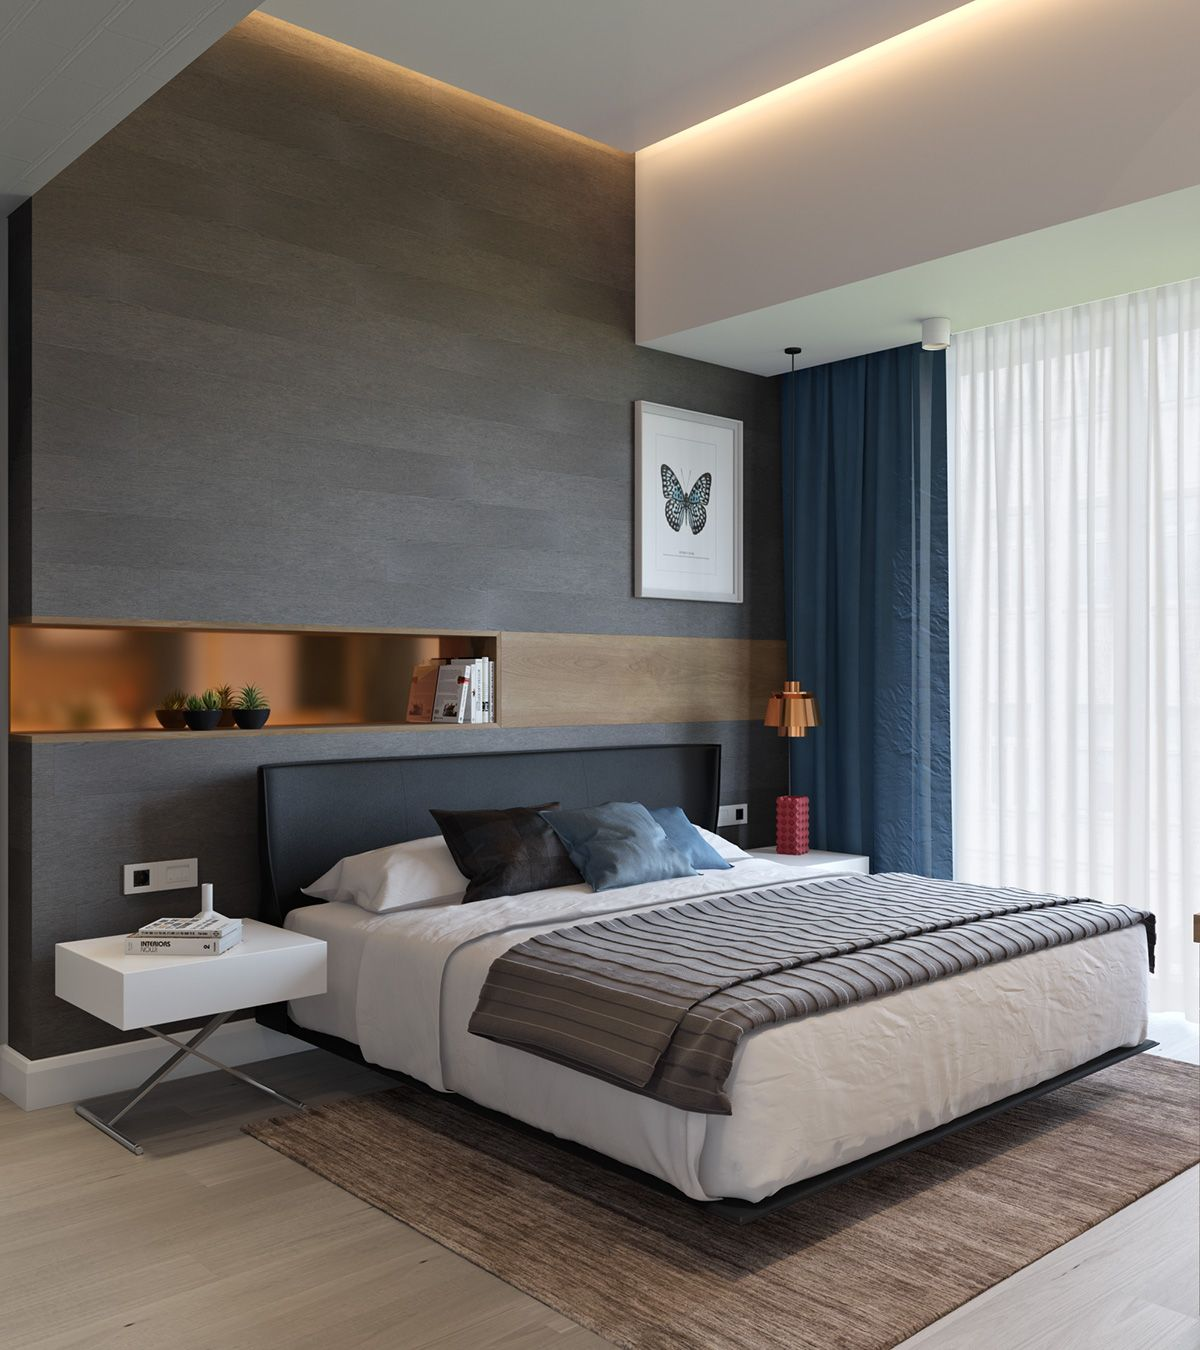 Dfed3440415155 577e5d6504f00 Jpg Jpeg Image 1200 1350 Pixels Scaled 49 Apartment Interior Modern Bedroom Design Bedroom Interior Modern apartment bedroom ideas